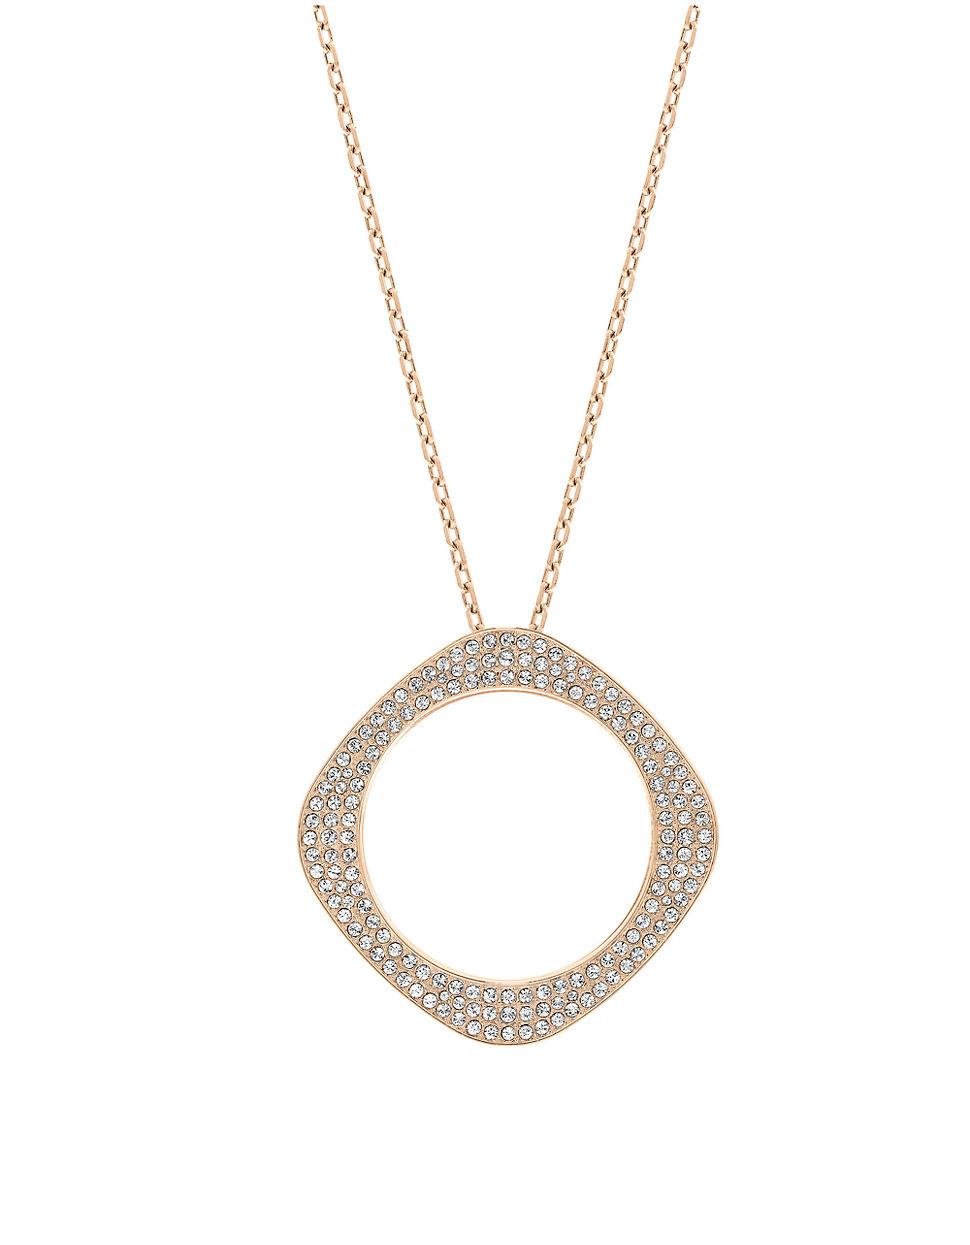 swarovski gold tone pvd pendant necklace in